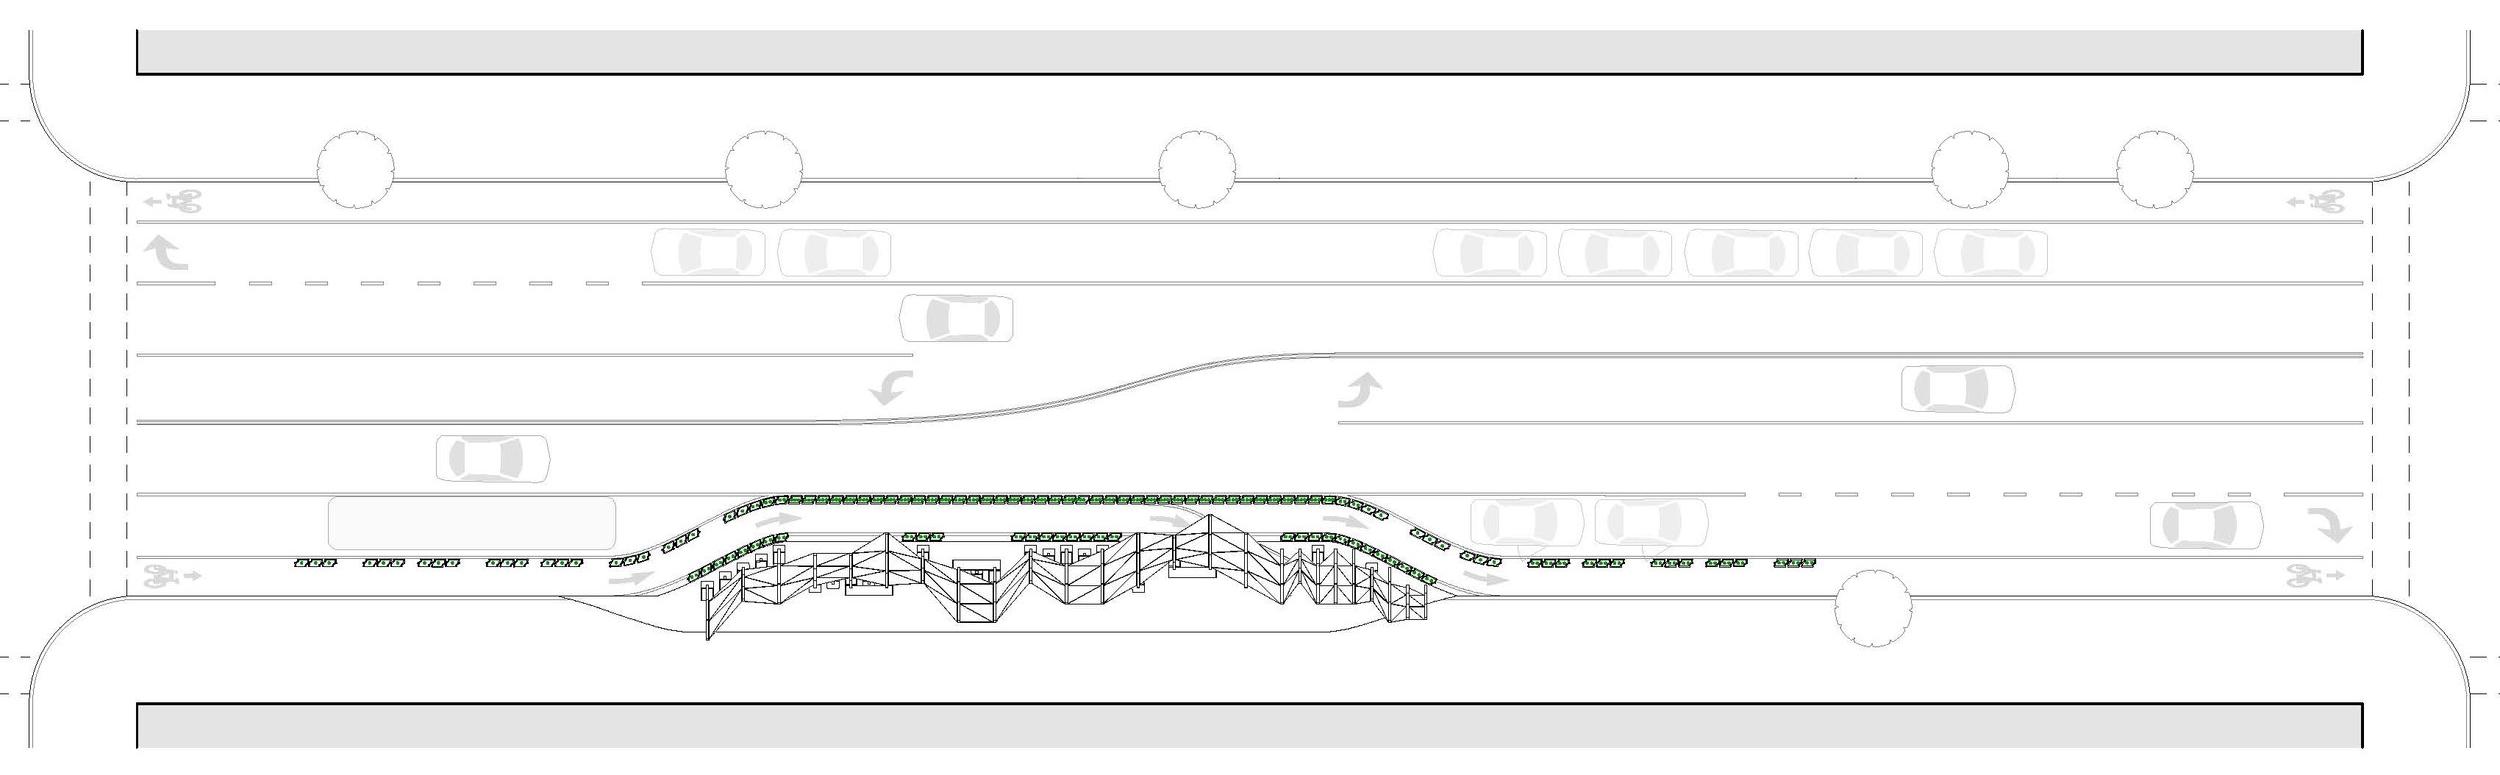 073015 bamboo layout diagram plan - final.jpg